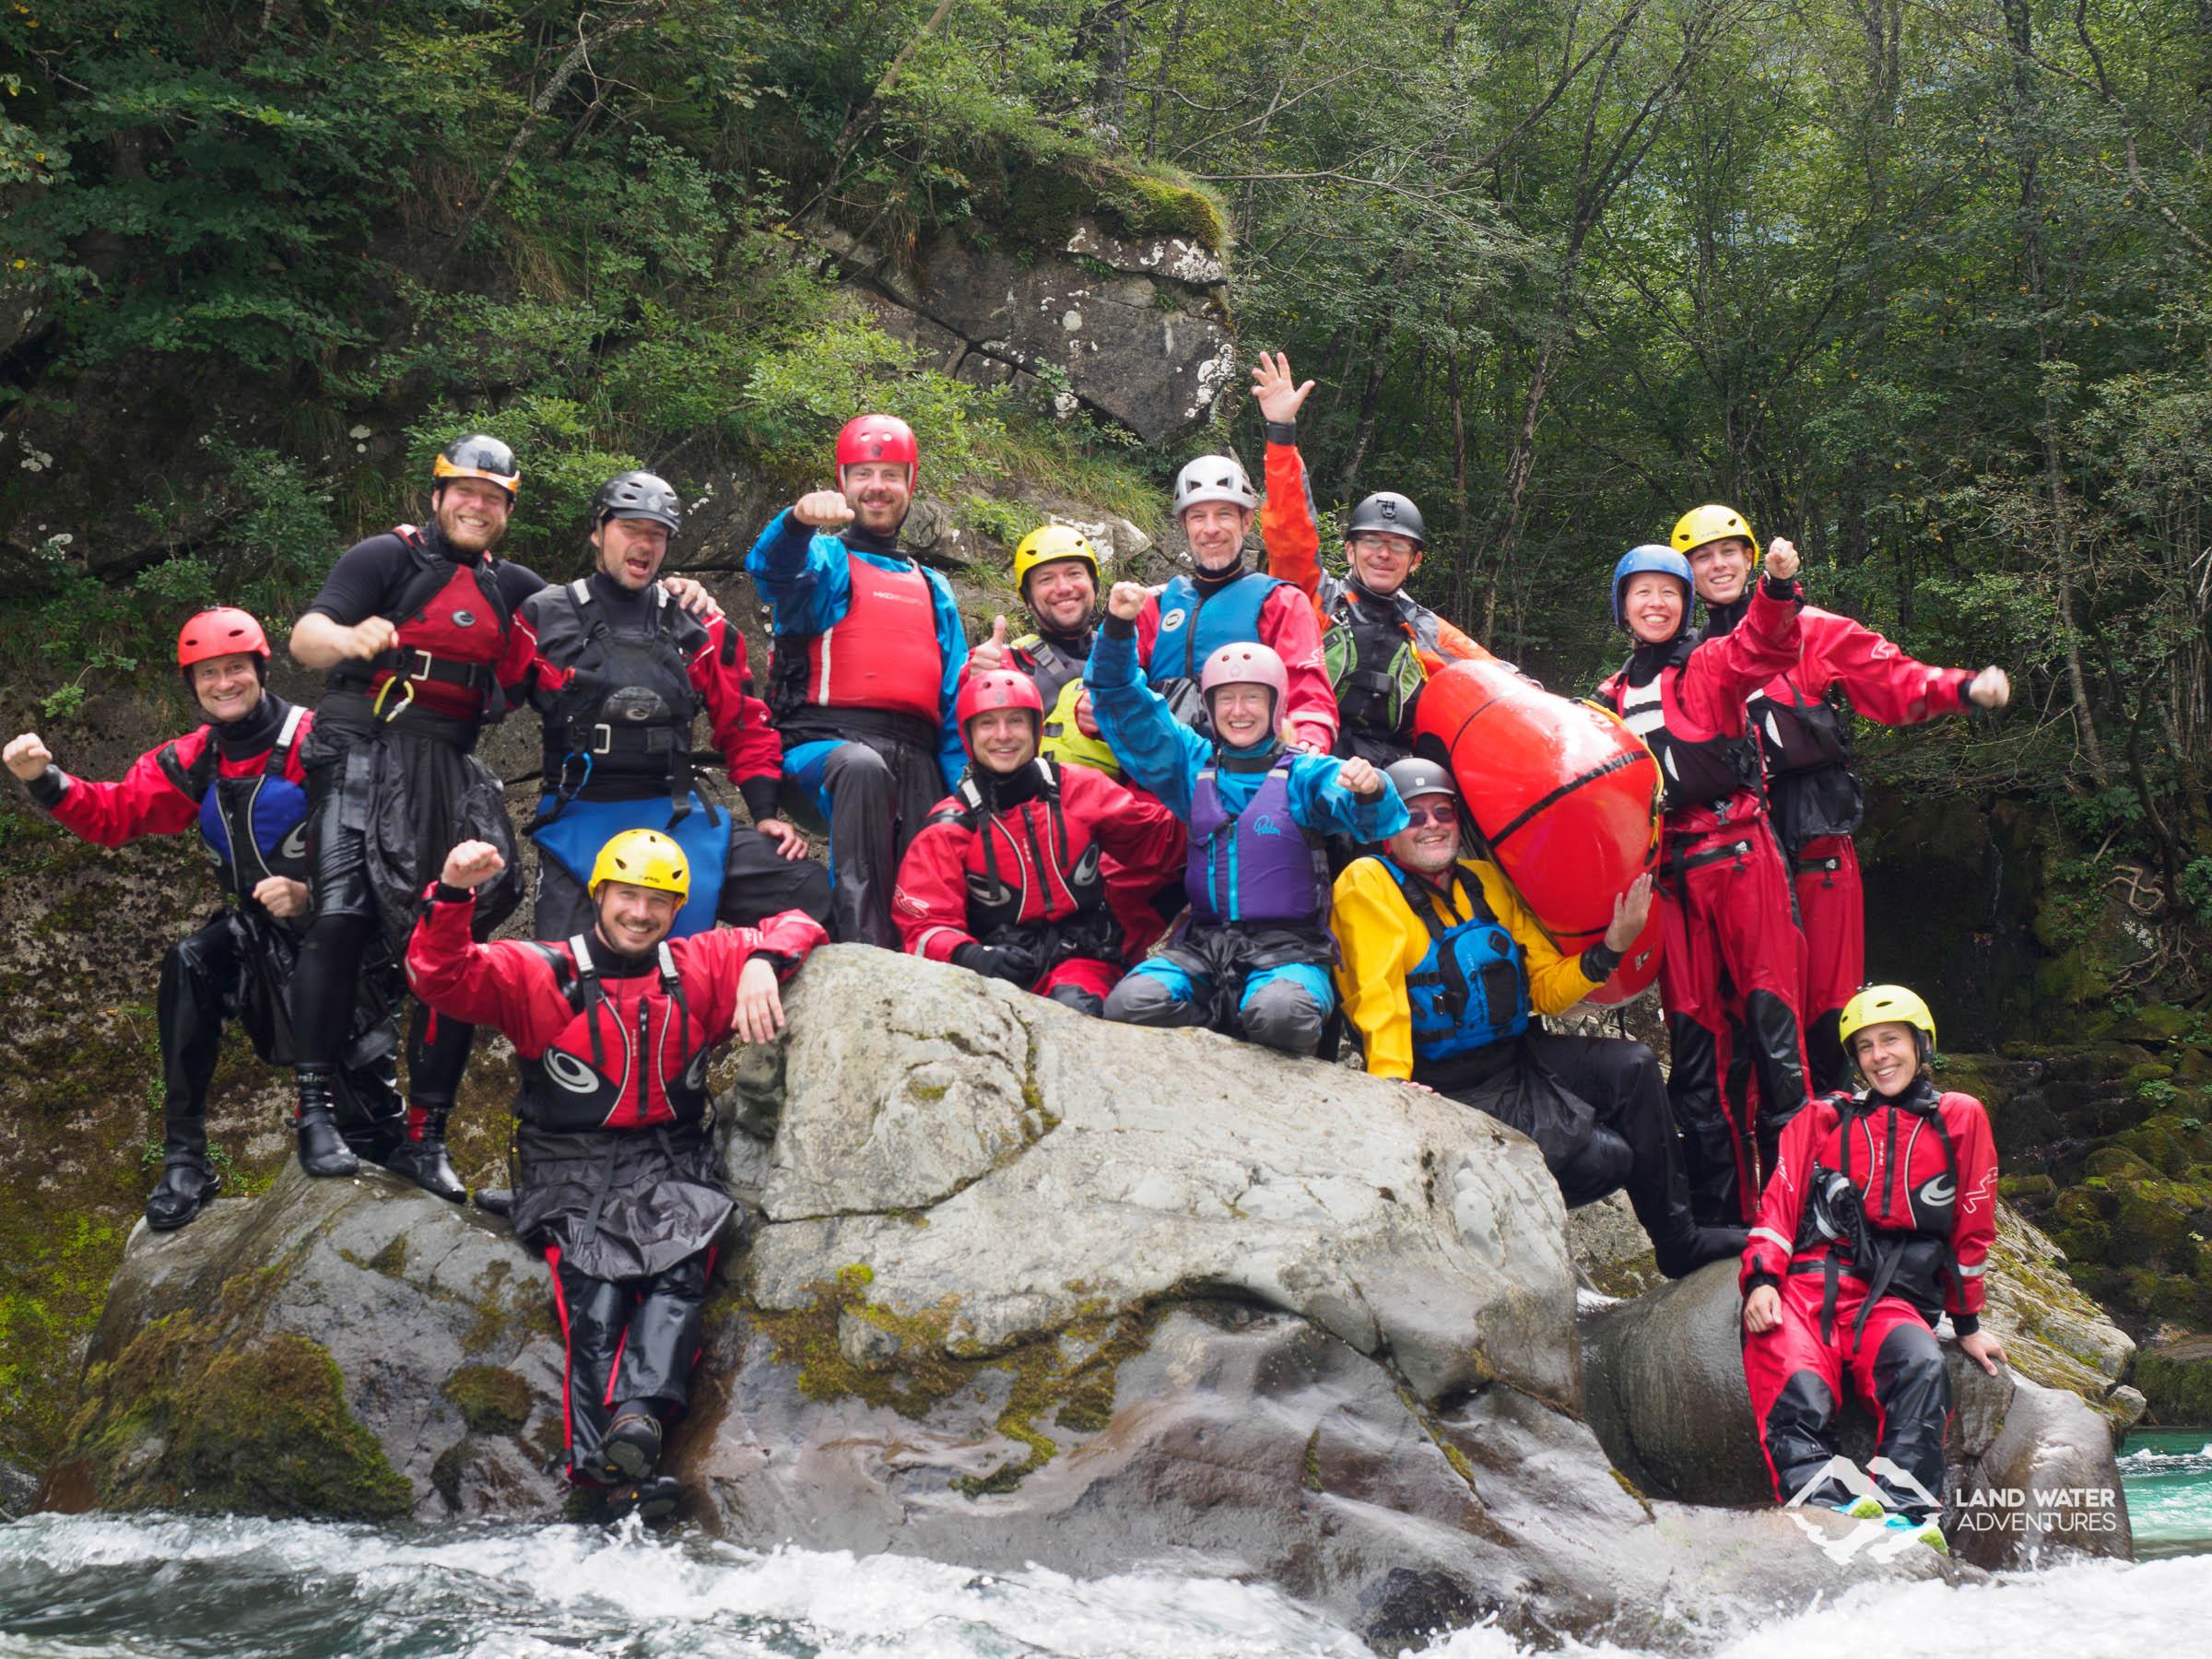 Das Soca-Team auf dem Soca-Stein © Land Water Adventures